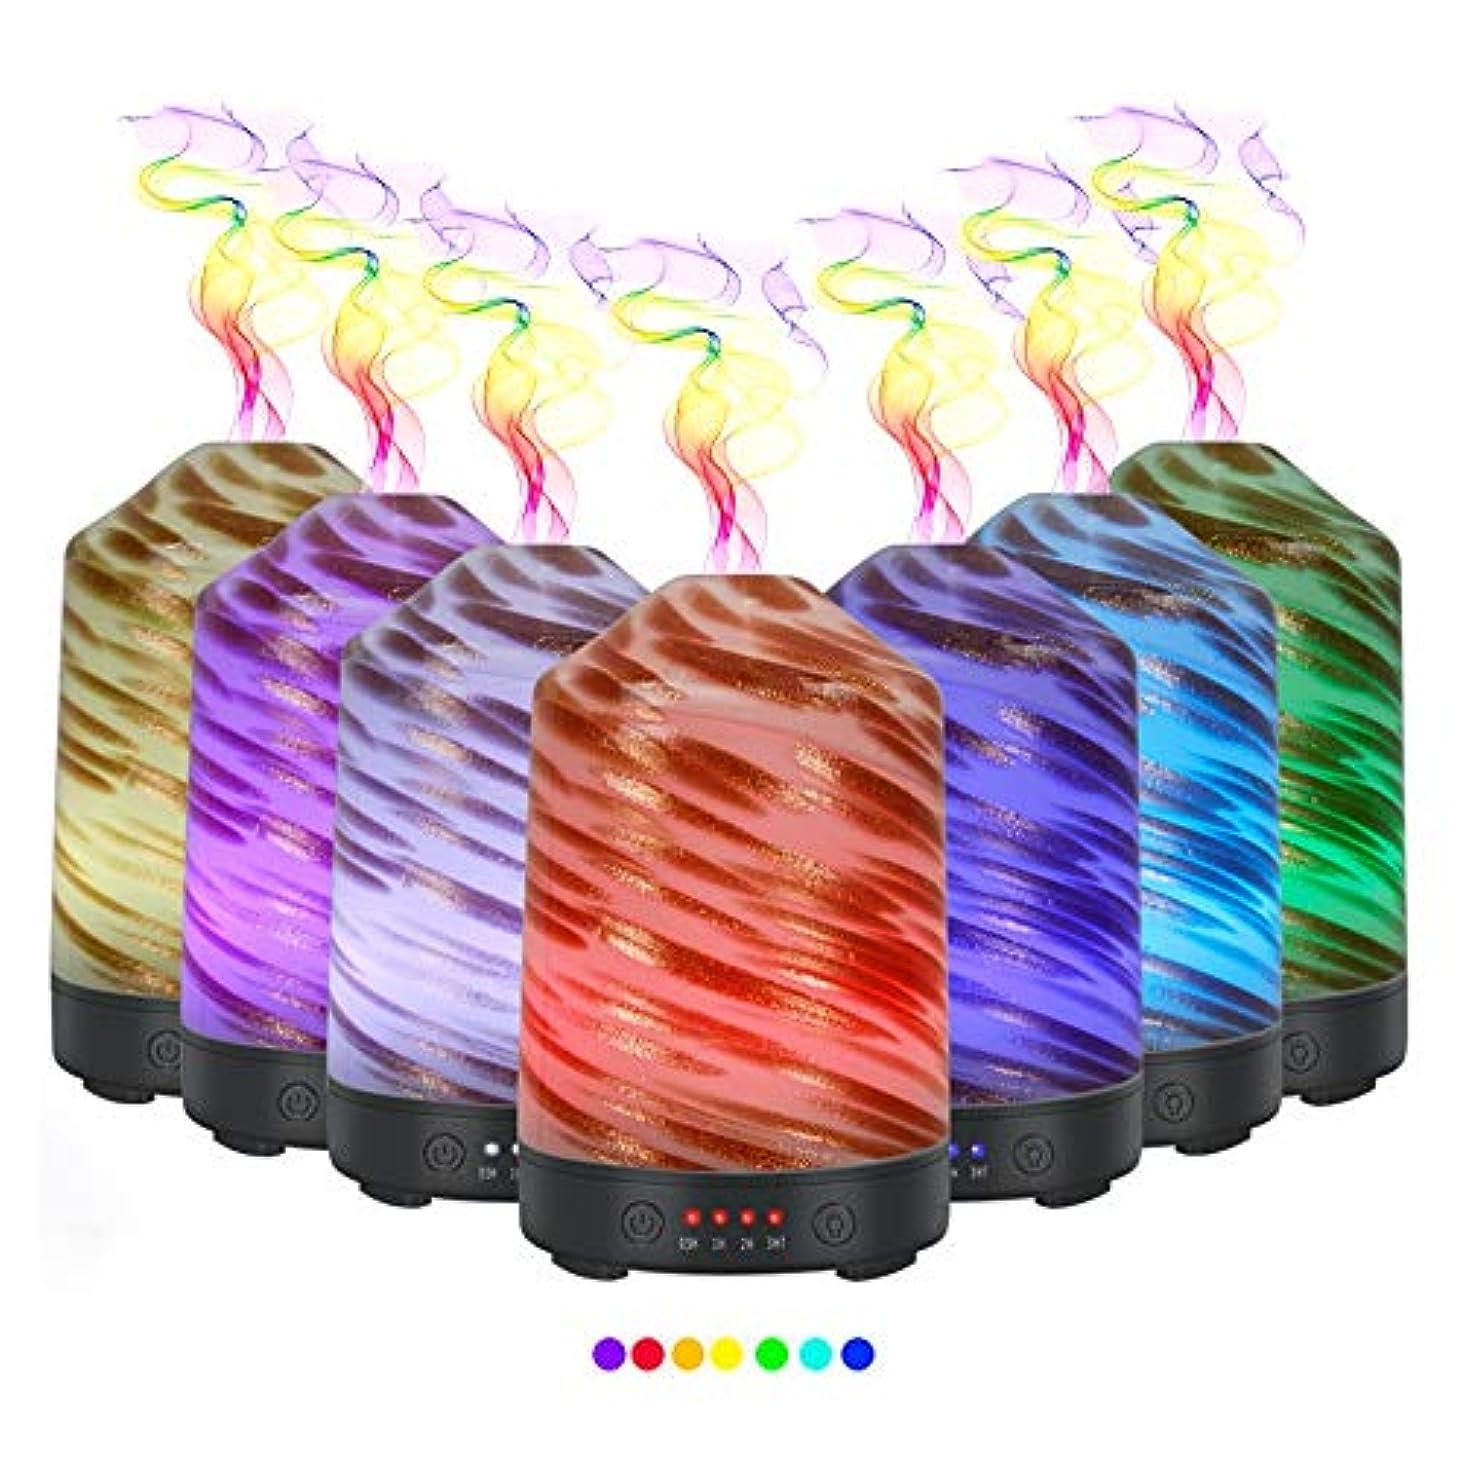 ワイヤーほんのセクタディフューザーエッセンシャルオイル (100ml)-3 d アートガラス魚雨アロマ加湿器7色の変更 LED ライト & 4 タイマー設定、水なしの自動シャットオフ